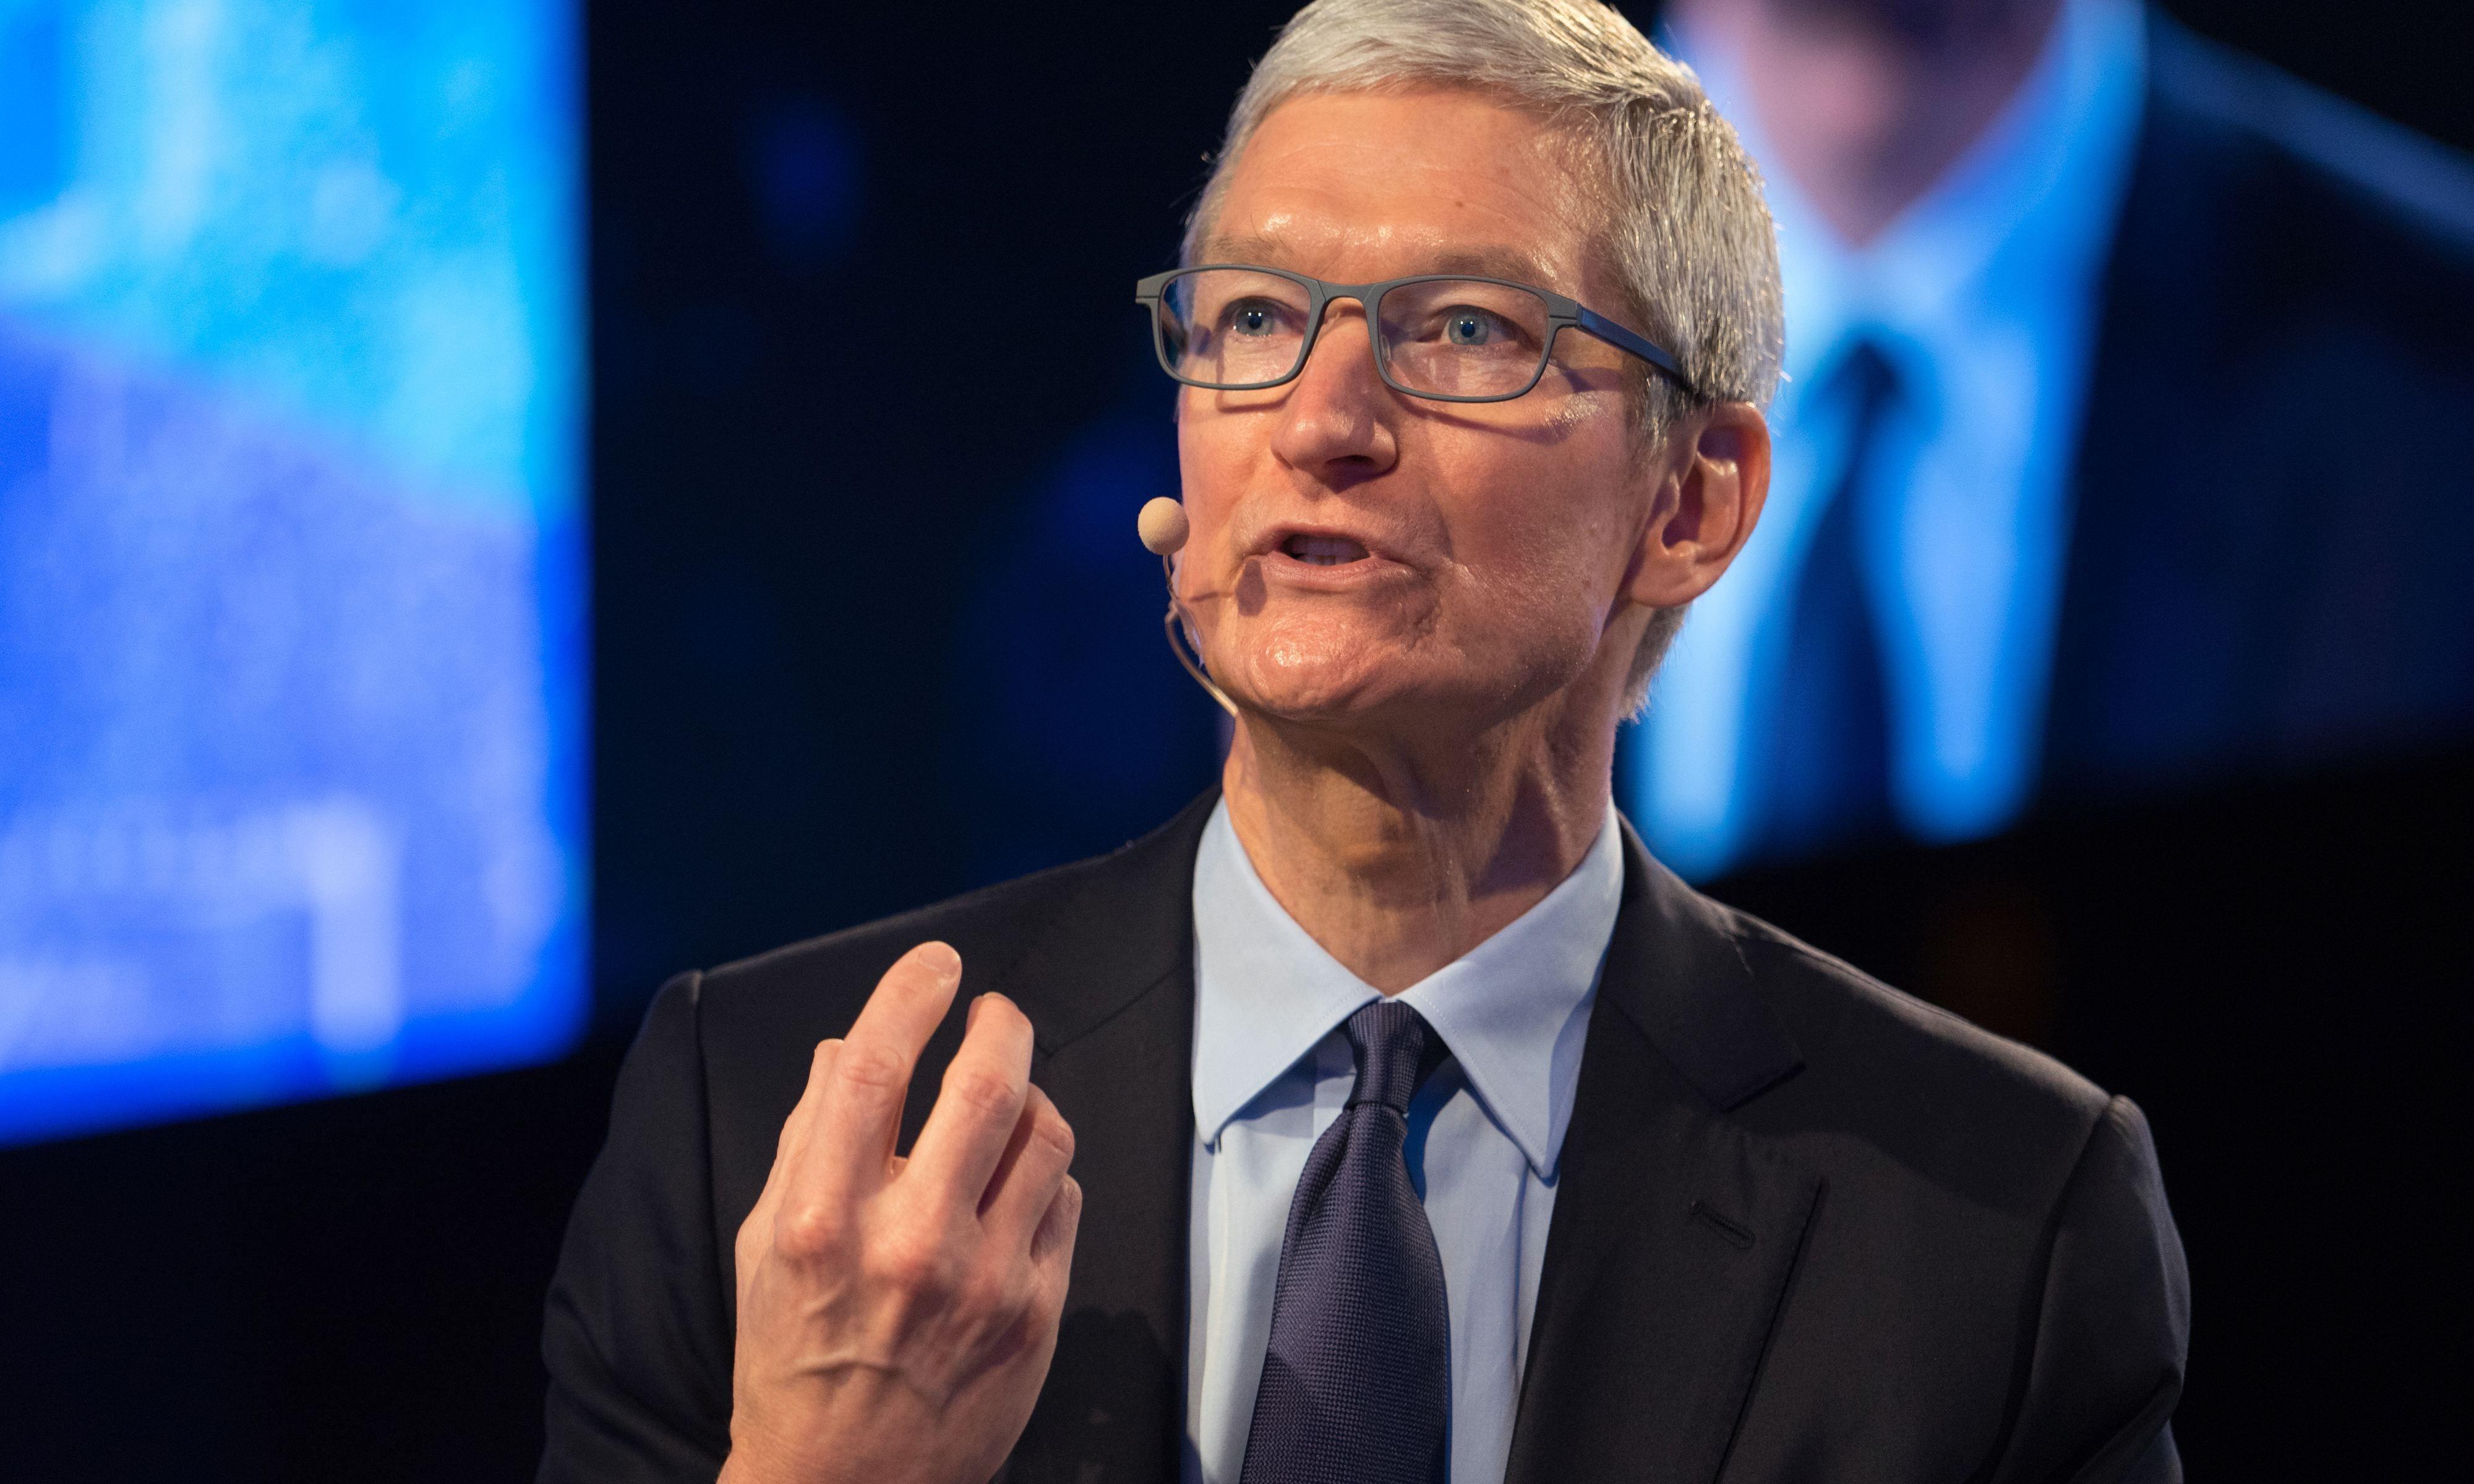 申请入驻 华为14年前开始做芯片,苹果晚了6年,为什么还是被苹果吊打?